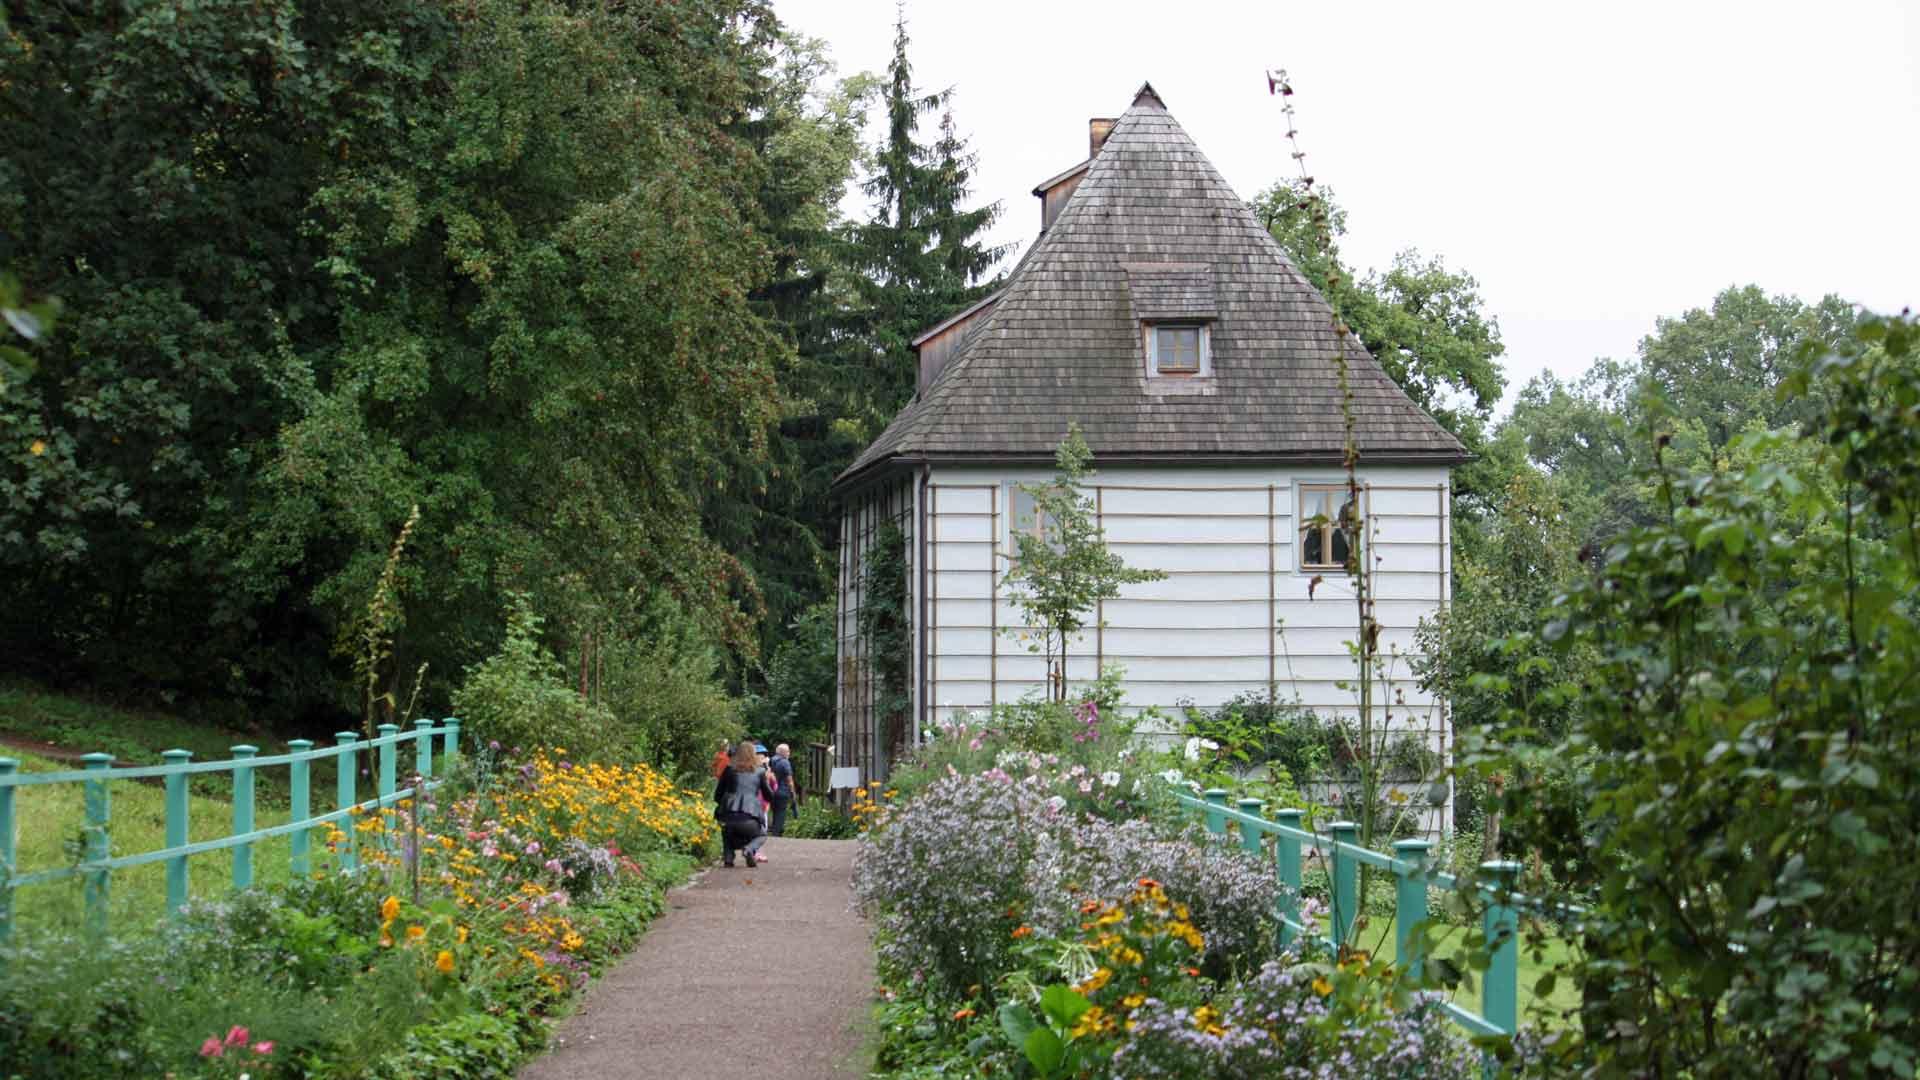 Het tuinshuis van Goethe in Weimar kun je bezoeken.